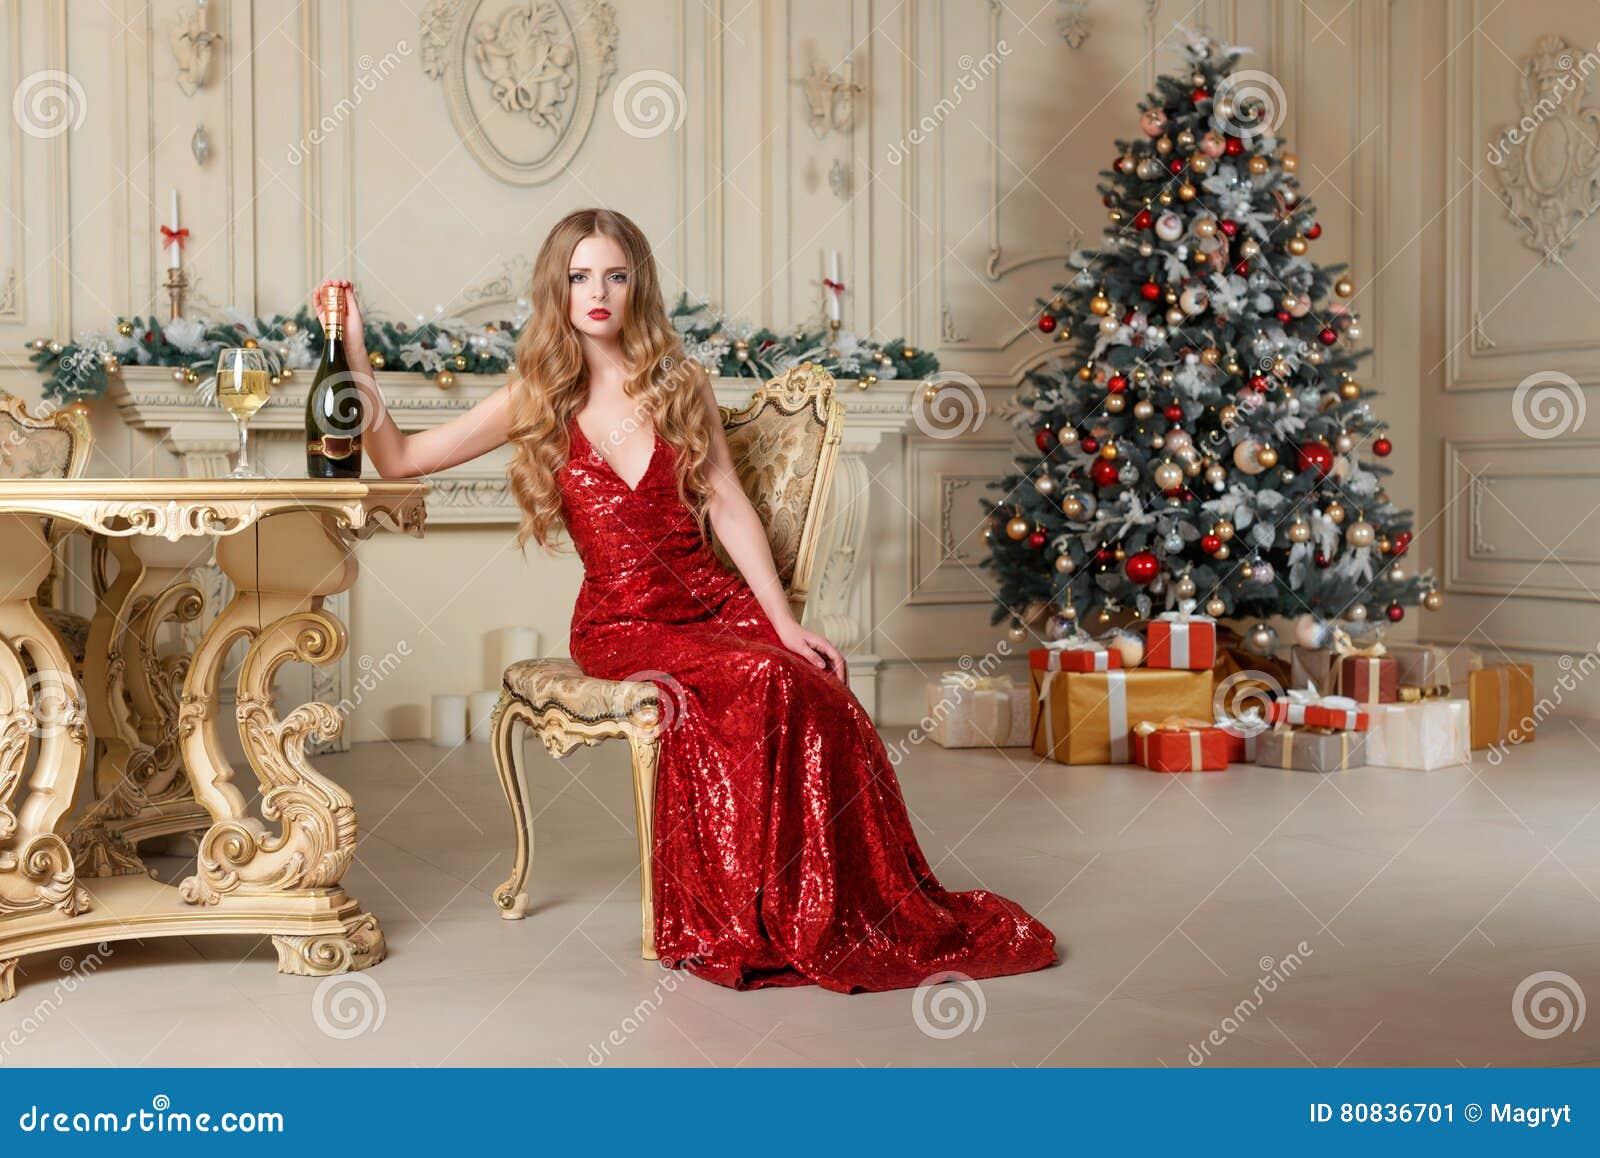 Blond kvinna i röd klänning med exponeringsglas av vitt vin eller champagne som placerar på en stol i lyxig inre jul min version